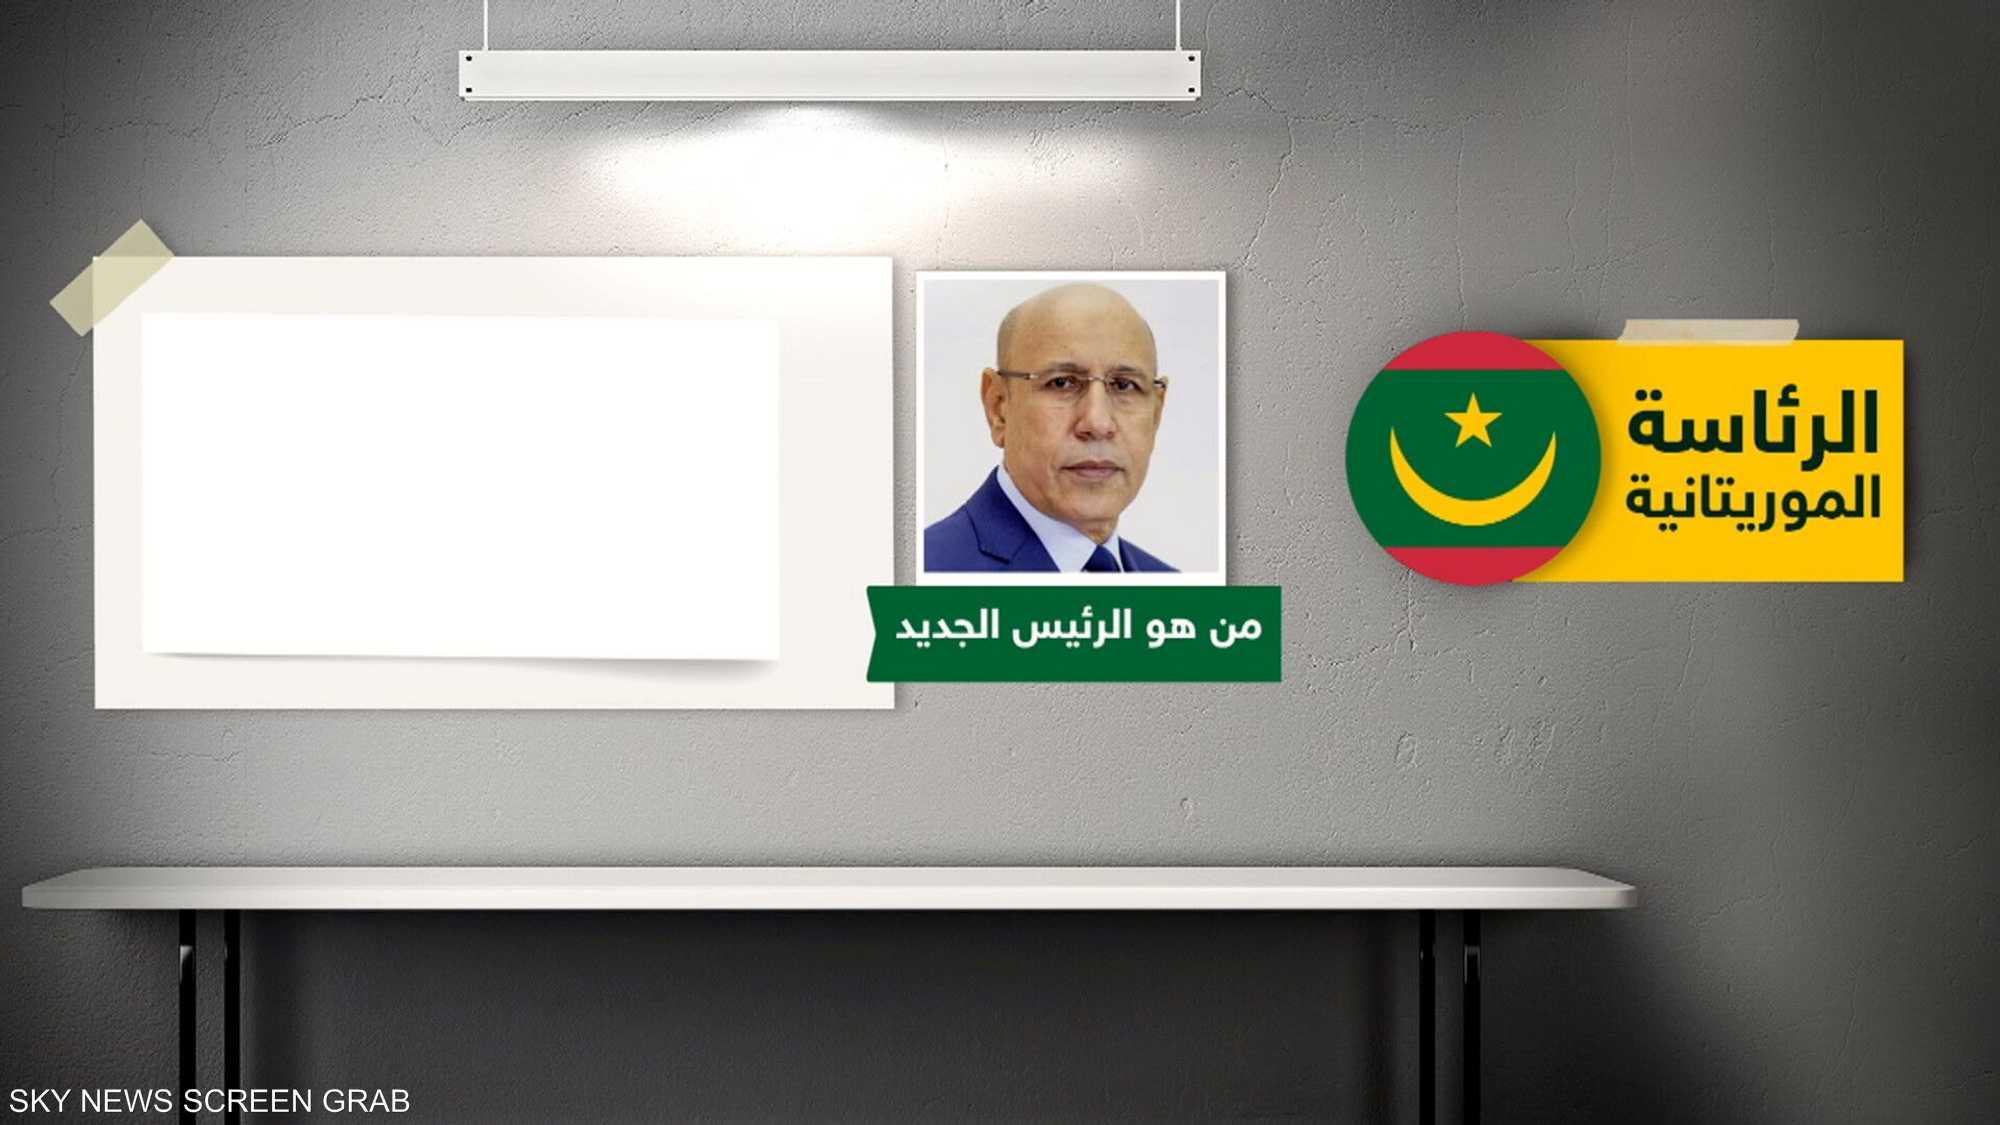 الانتخابات الموريتانية.. الرئاسة من حصّة الحزب الحاكم